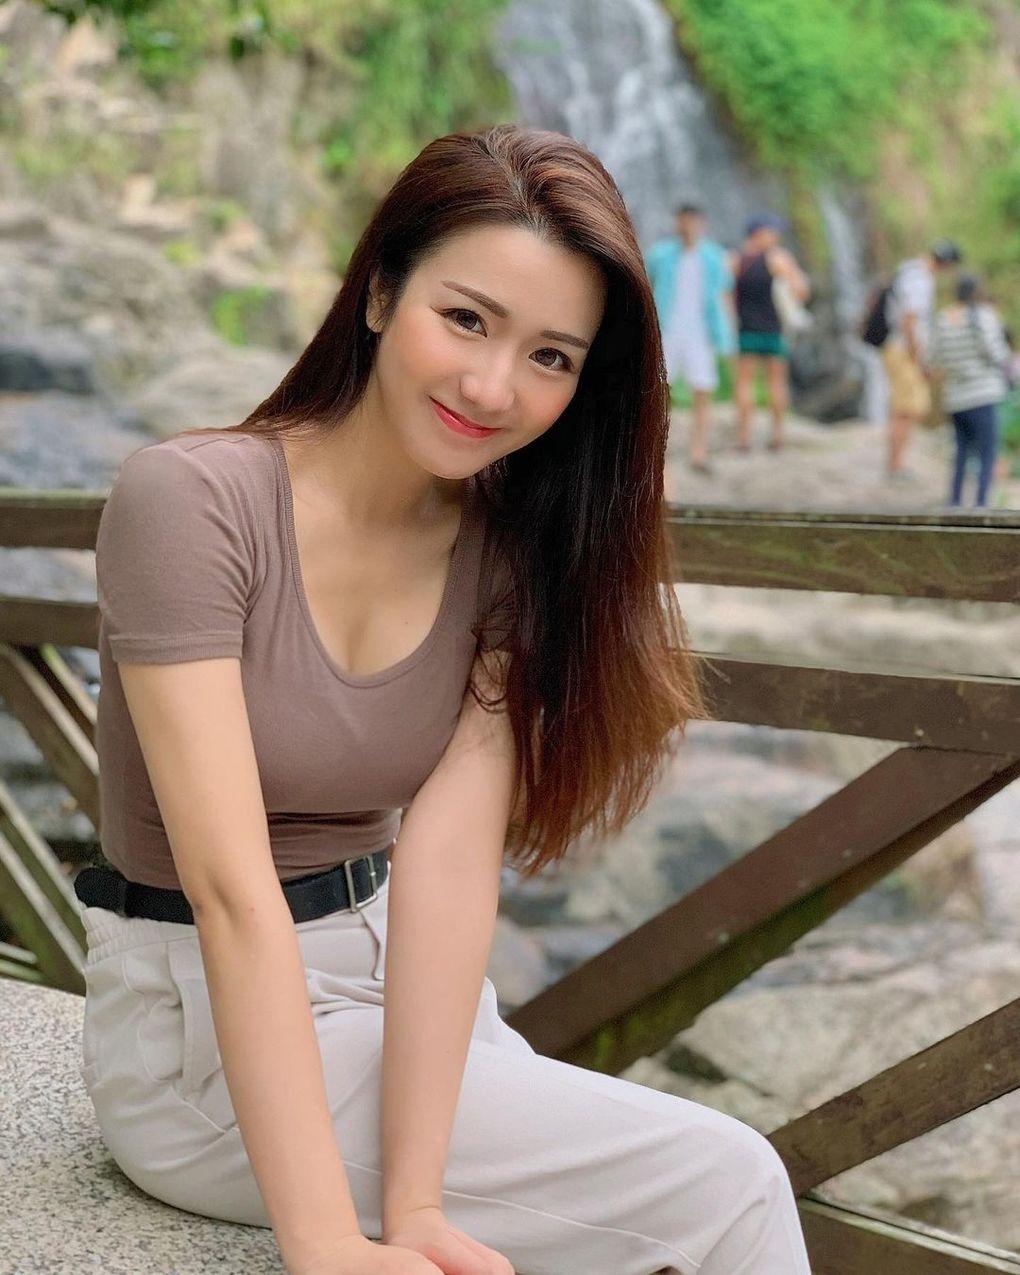 鋼琴老師太有氣質「Kelvina 鍾昕澄」性感美腿更吸睛!好想跟老師一起在音符上浪漫約會 素人正妹